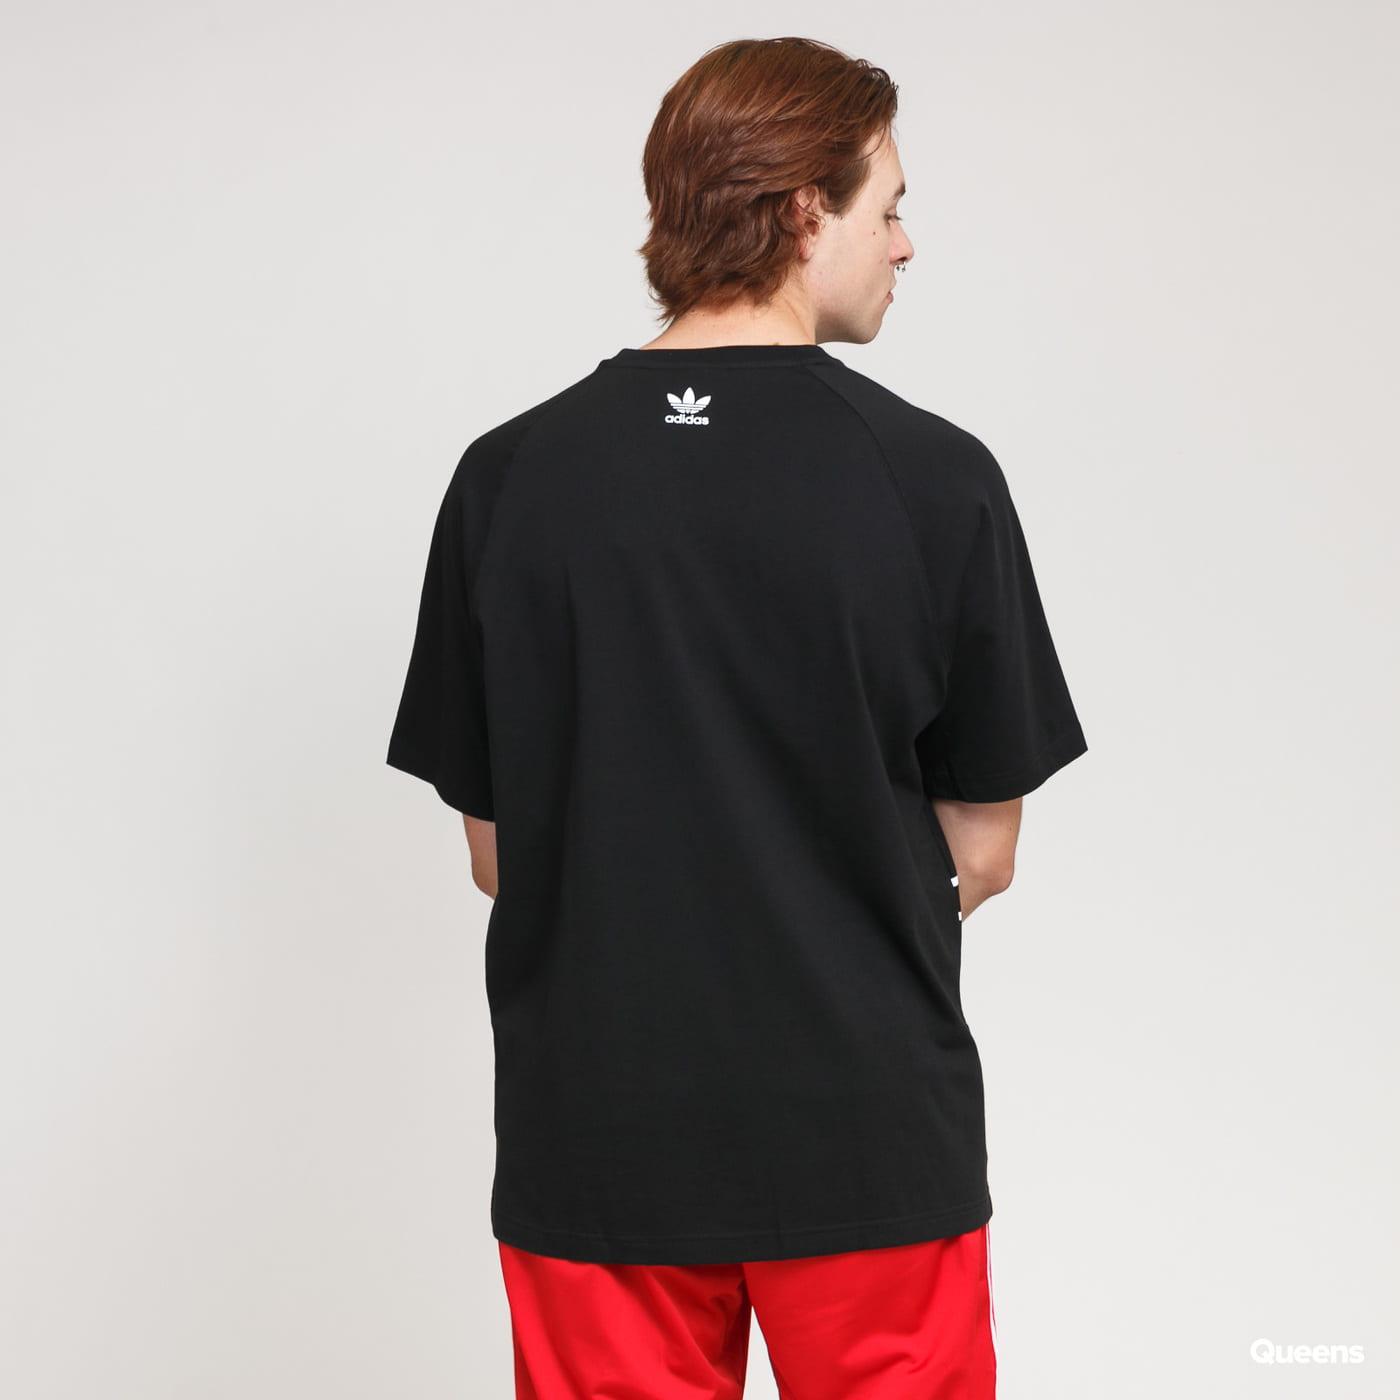 adidas Originals Big Trefoil Outlined Tee černé